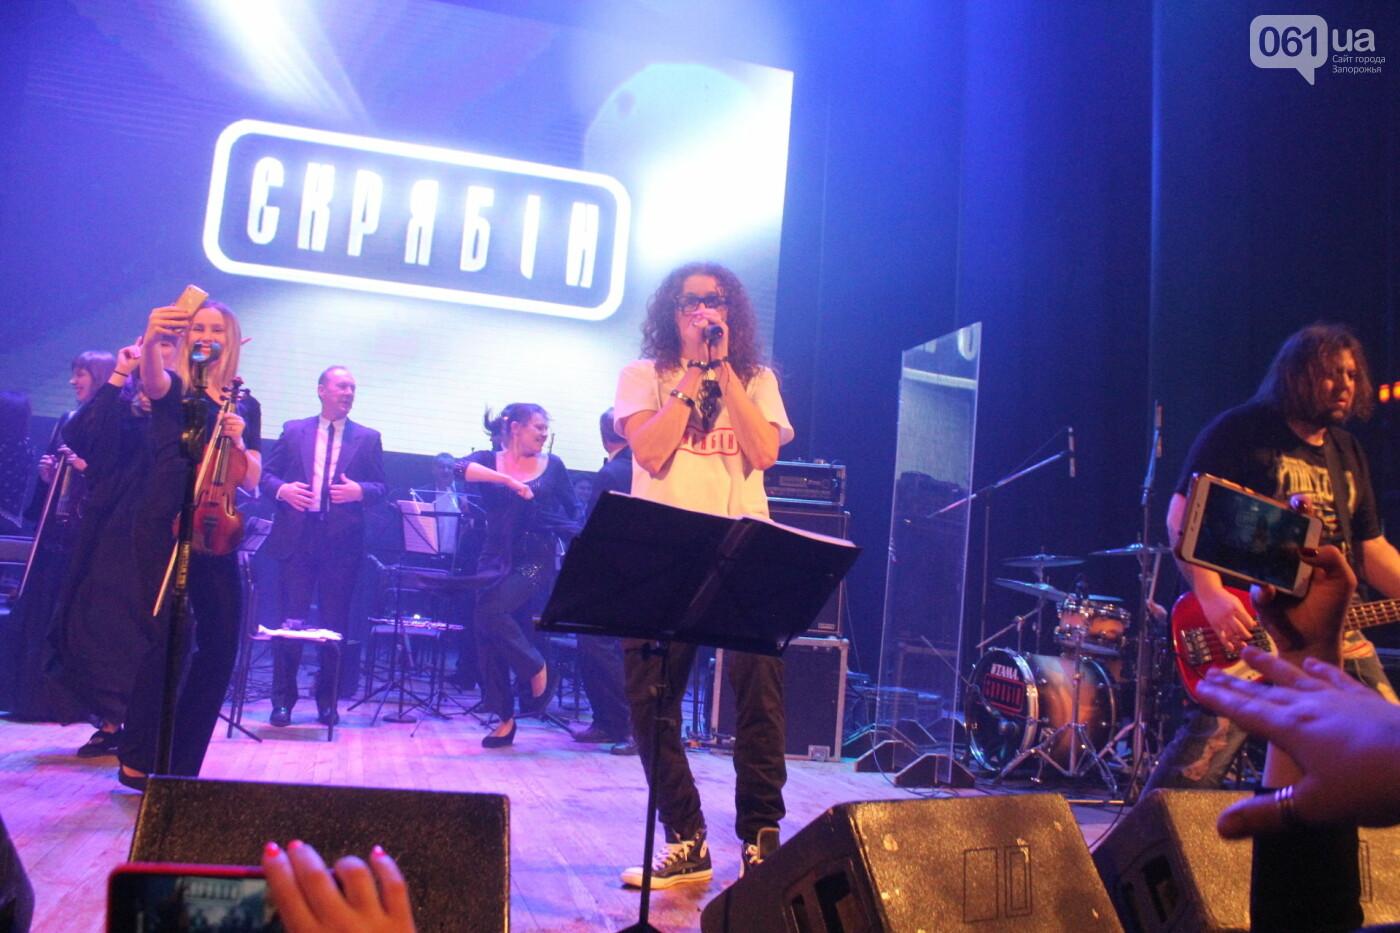 В Запорожье группа «Скрябин» сыграла лучшие хиты с симфоническим оркестром, – ФОТОРЕПОРТАЖ, фото-24